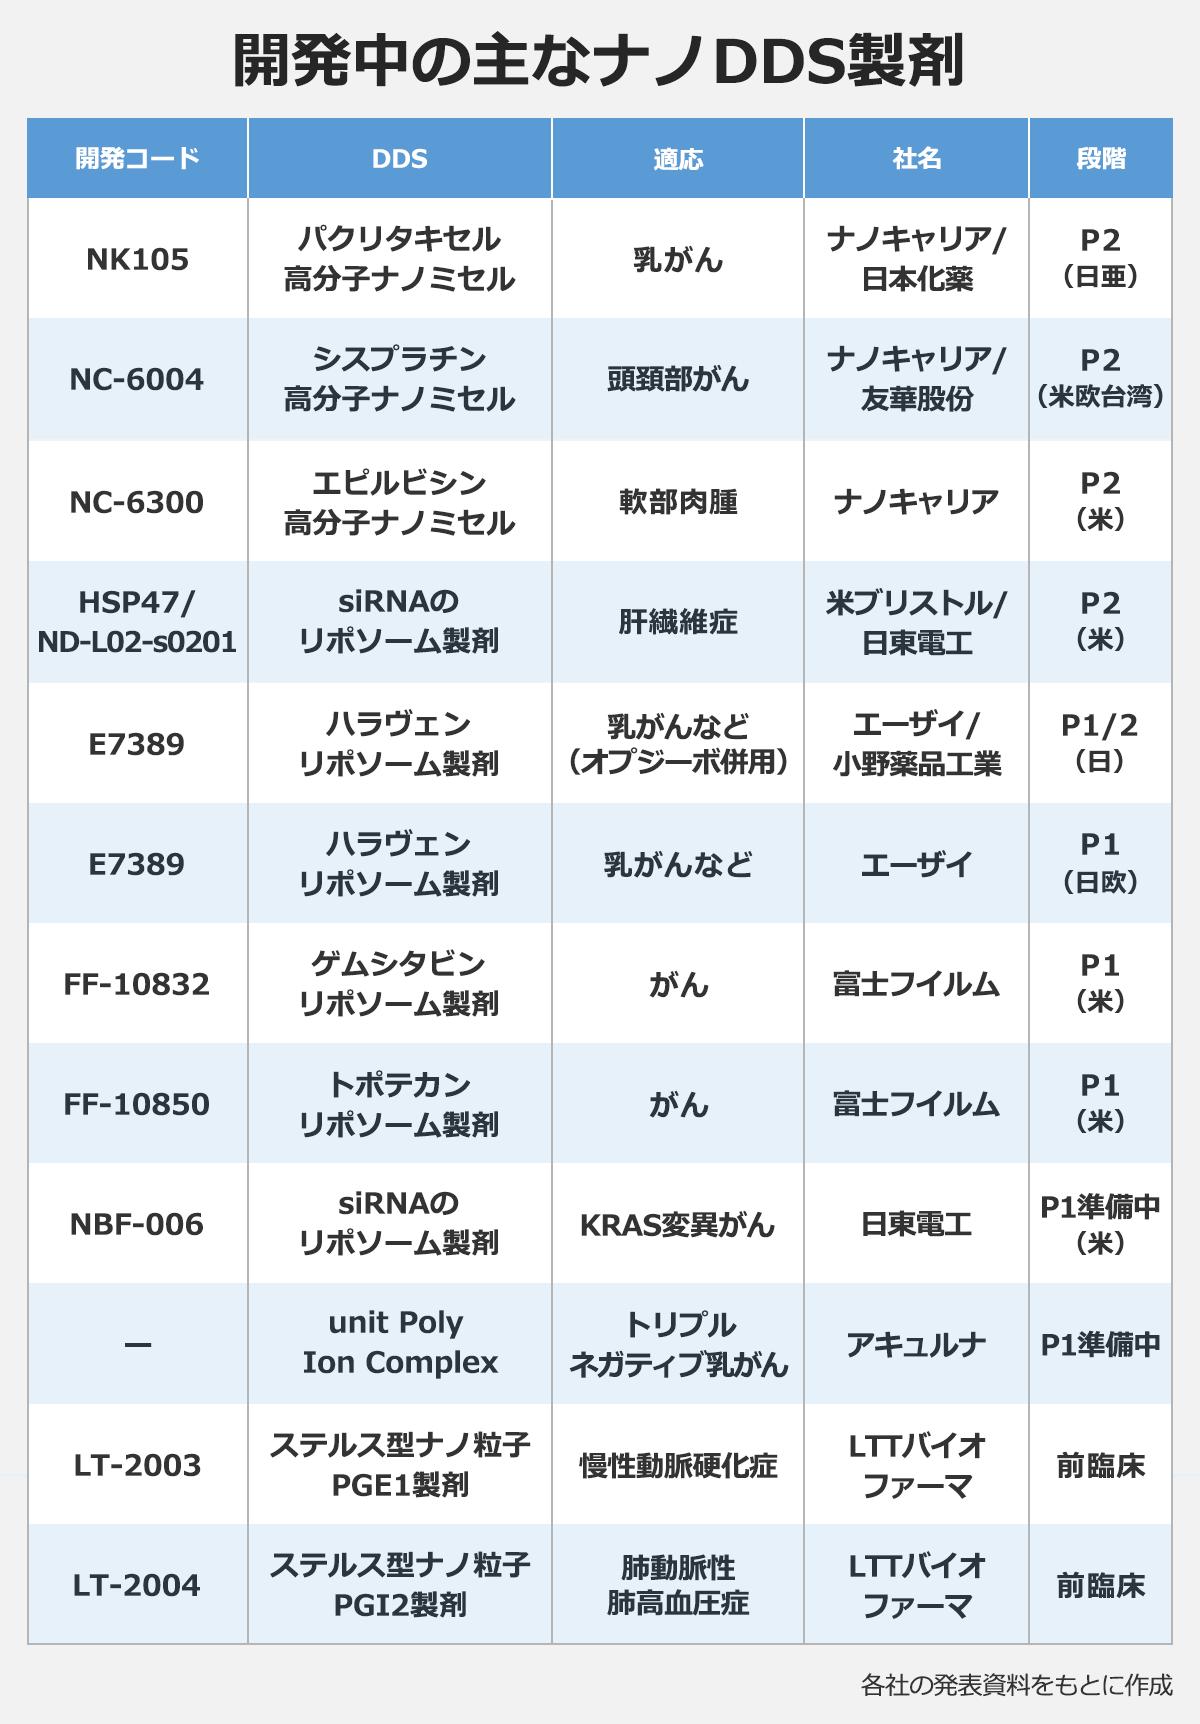 【開発中の主なナノDDS製剤】(開発コード/DDS/適応/社名/段階) NK105/パクリタキセル高分子ナノミセル/乳がん/ナノキャリア/日本化薬/P2(日亜) NC-6004/シスプラチン高分子ナノミセル/頭頚部がん/ナノキャリア/友華股份/P2(米欧台湾)  NC-6300/エピルビシン高分子ナノミセル/軟部肉腫/ナノキャリア/P2(米)  HSP47/ND-L02-s0201/siRNAのリポソーム製剤/肝繊維症/米ブリストル/日東電工/P2(米)  E7389/ハラヴェンリポソーム製剤/乳がんなど(オプジーボ併用)/エーザイ/小野薬品工業/P1/2(日)  E7389/ハラヴェンリポソーム製剤/乳がんなど/エーザイ/P1(日欧)  FF-10832/ゲムシタビンリポソーム製剤/がん/富士フイルム/P1(米)  FF-10850/トポテカンリポソーム製剤/がん/富士フイルム/P1(米)  NBF-006/siRNAのリポソーム製剤/KRAS変異がん/日東電工/P1準備中(米)  -/unit/Poly/Ion/Complex/トリプルネガティブ乳がん/アキュルナ/P1準備中  LT-2003/ステルス型ナノ粒子PGE1製剤/慢性動脈硬化症/LTTバイオファーマ/前臨床  LT-2004/ステルス型ナノ粒子PGI2製剤/肺動脈性肺高血圧症/LTTバイオファーマ/前臨床  ※各社の発表資料をもとに作成